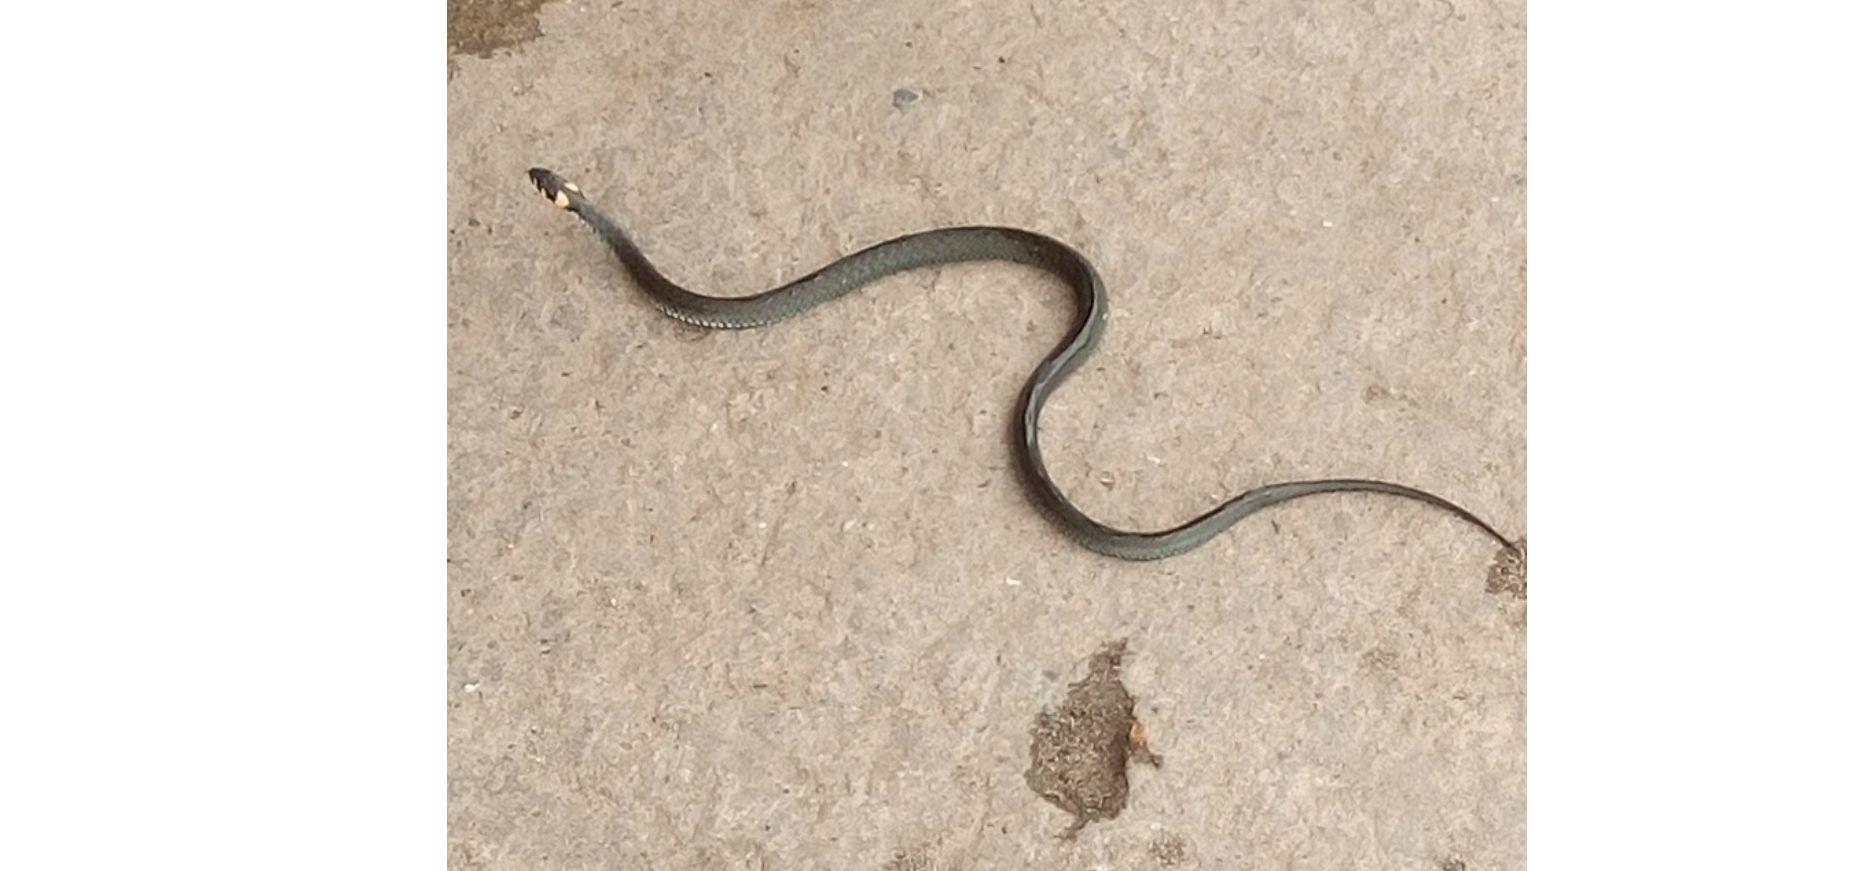 Жителей Рыбинска шокировала пытавшаяся заползти в жилой дом змея